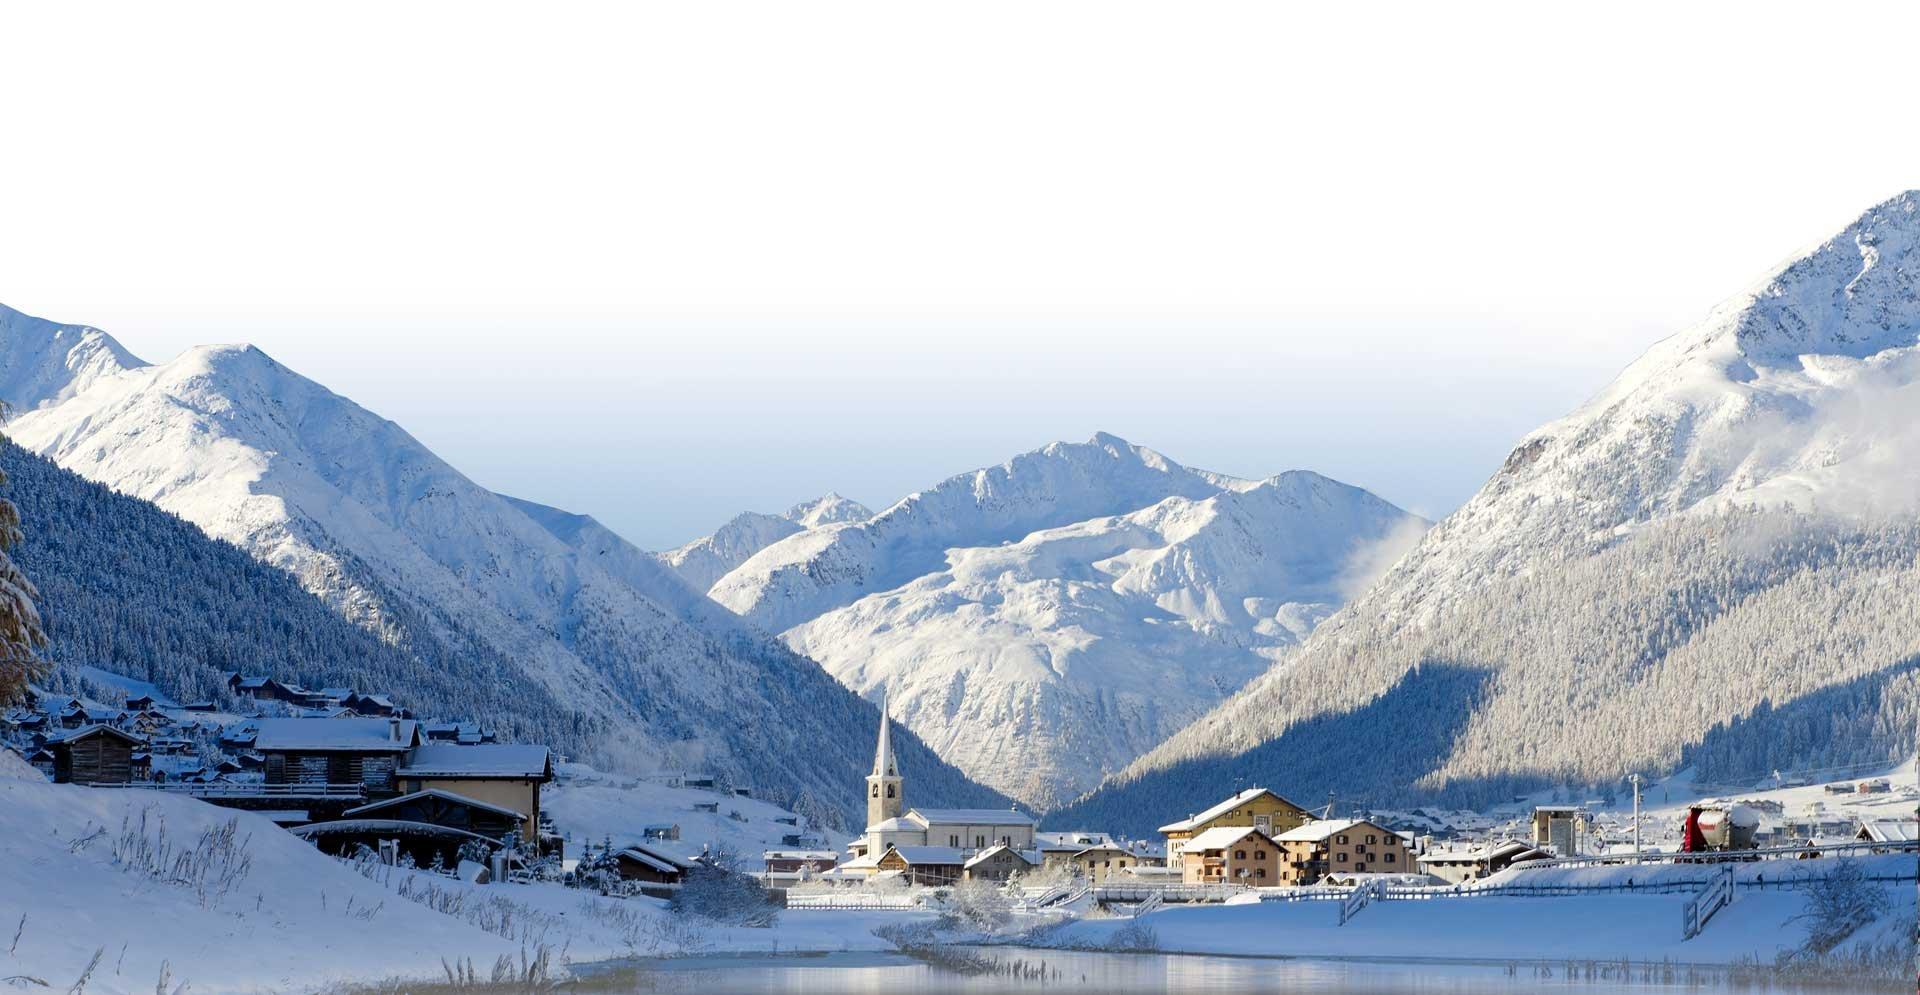 أفضل منتجعات الرياضة الشتوية في أوروبا